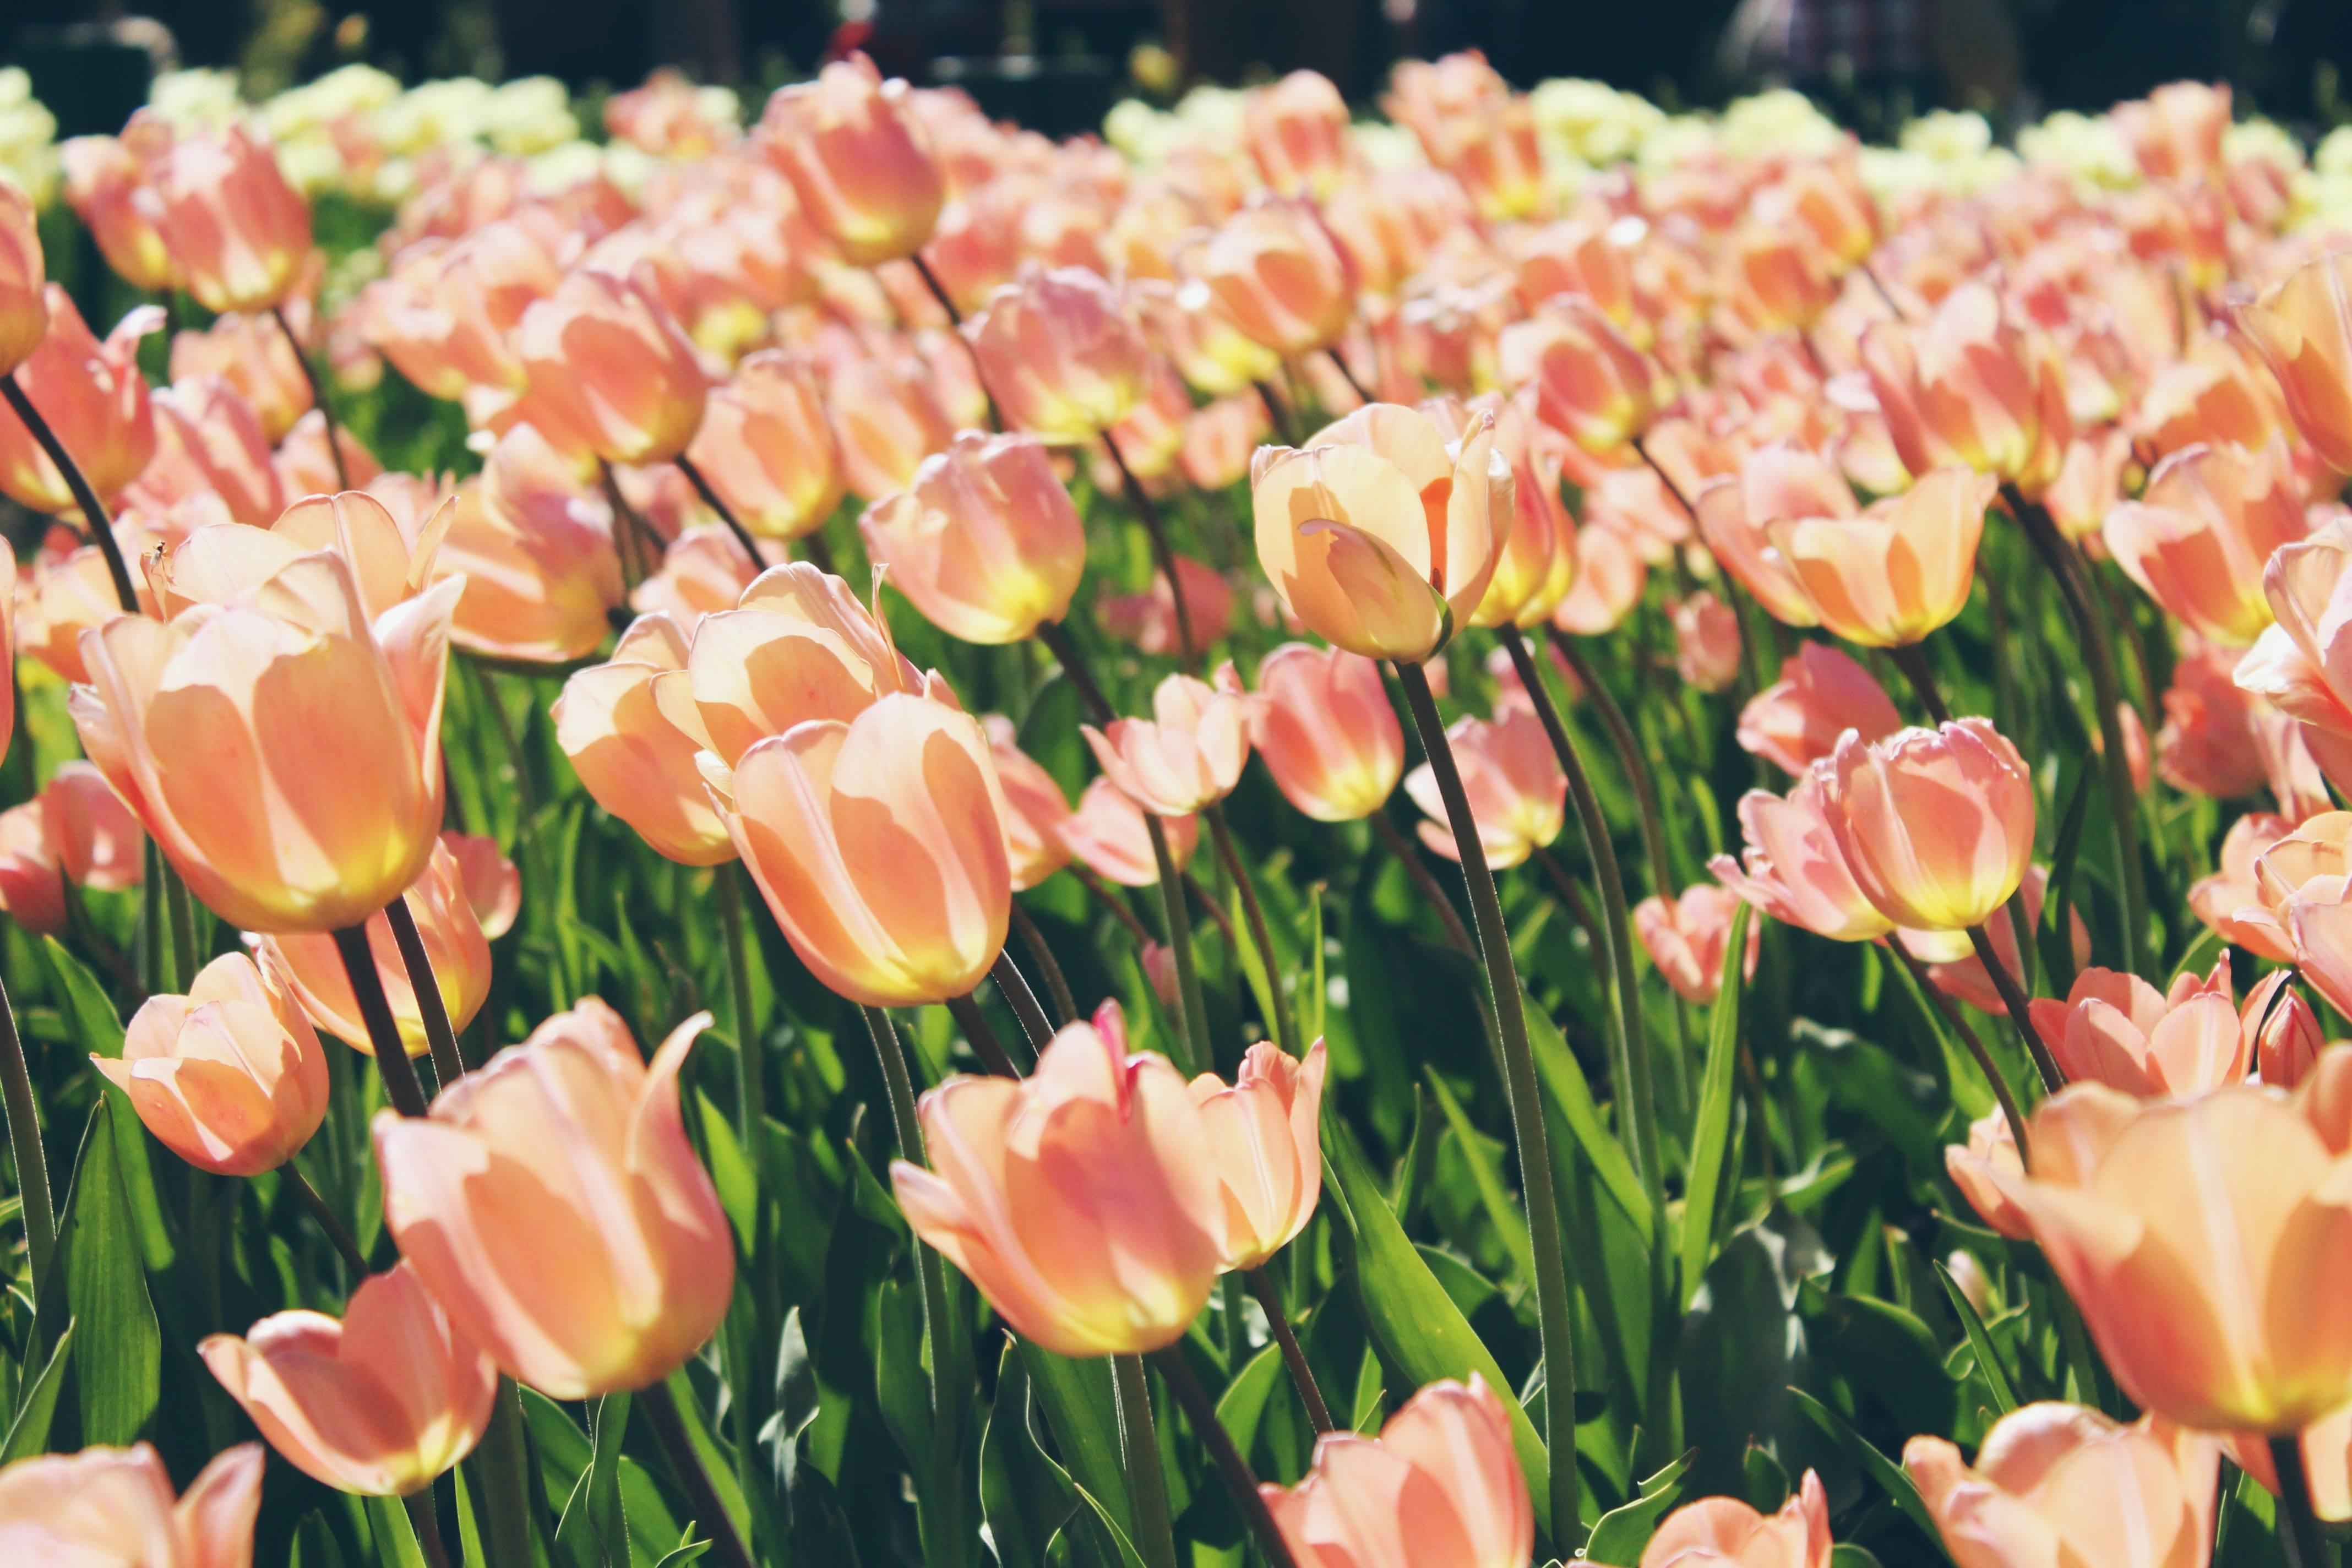 Mensagens De Bom Dia Flores: Mensagem De Bom Dia Sábado Com Flores! A Elegância Da Vida